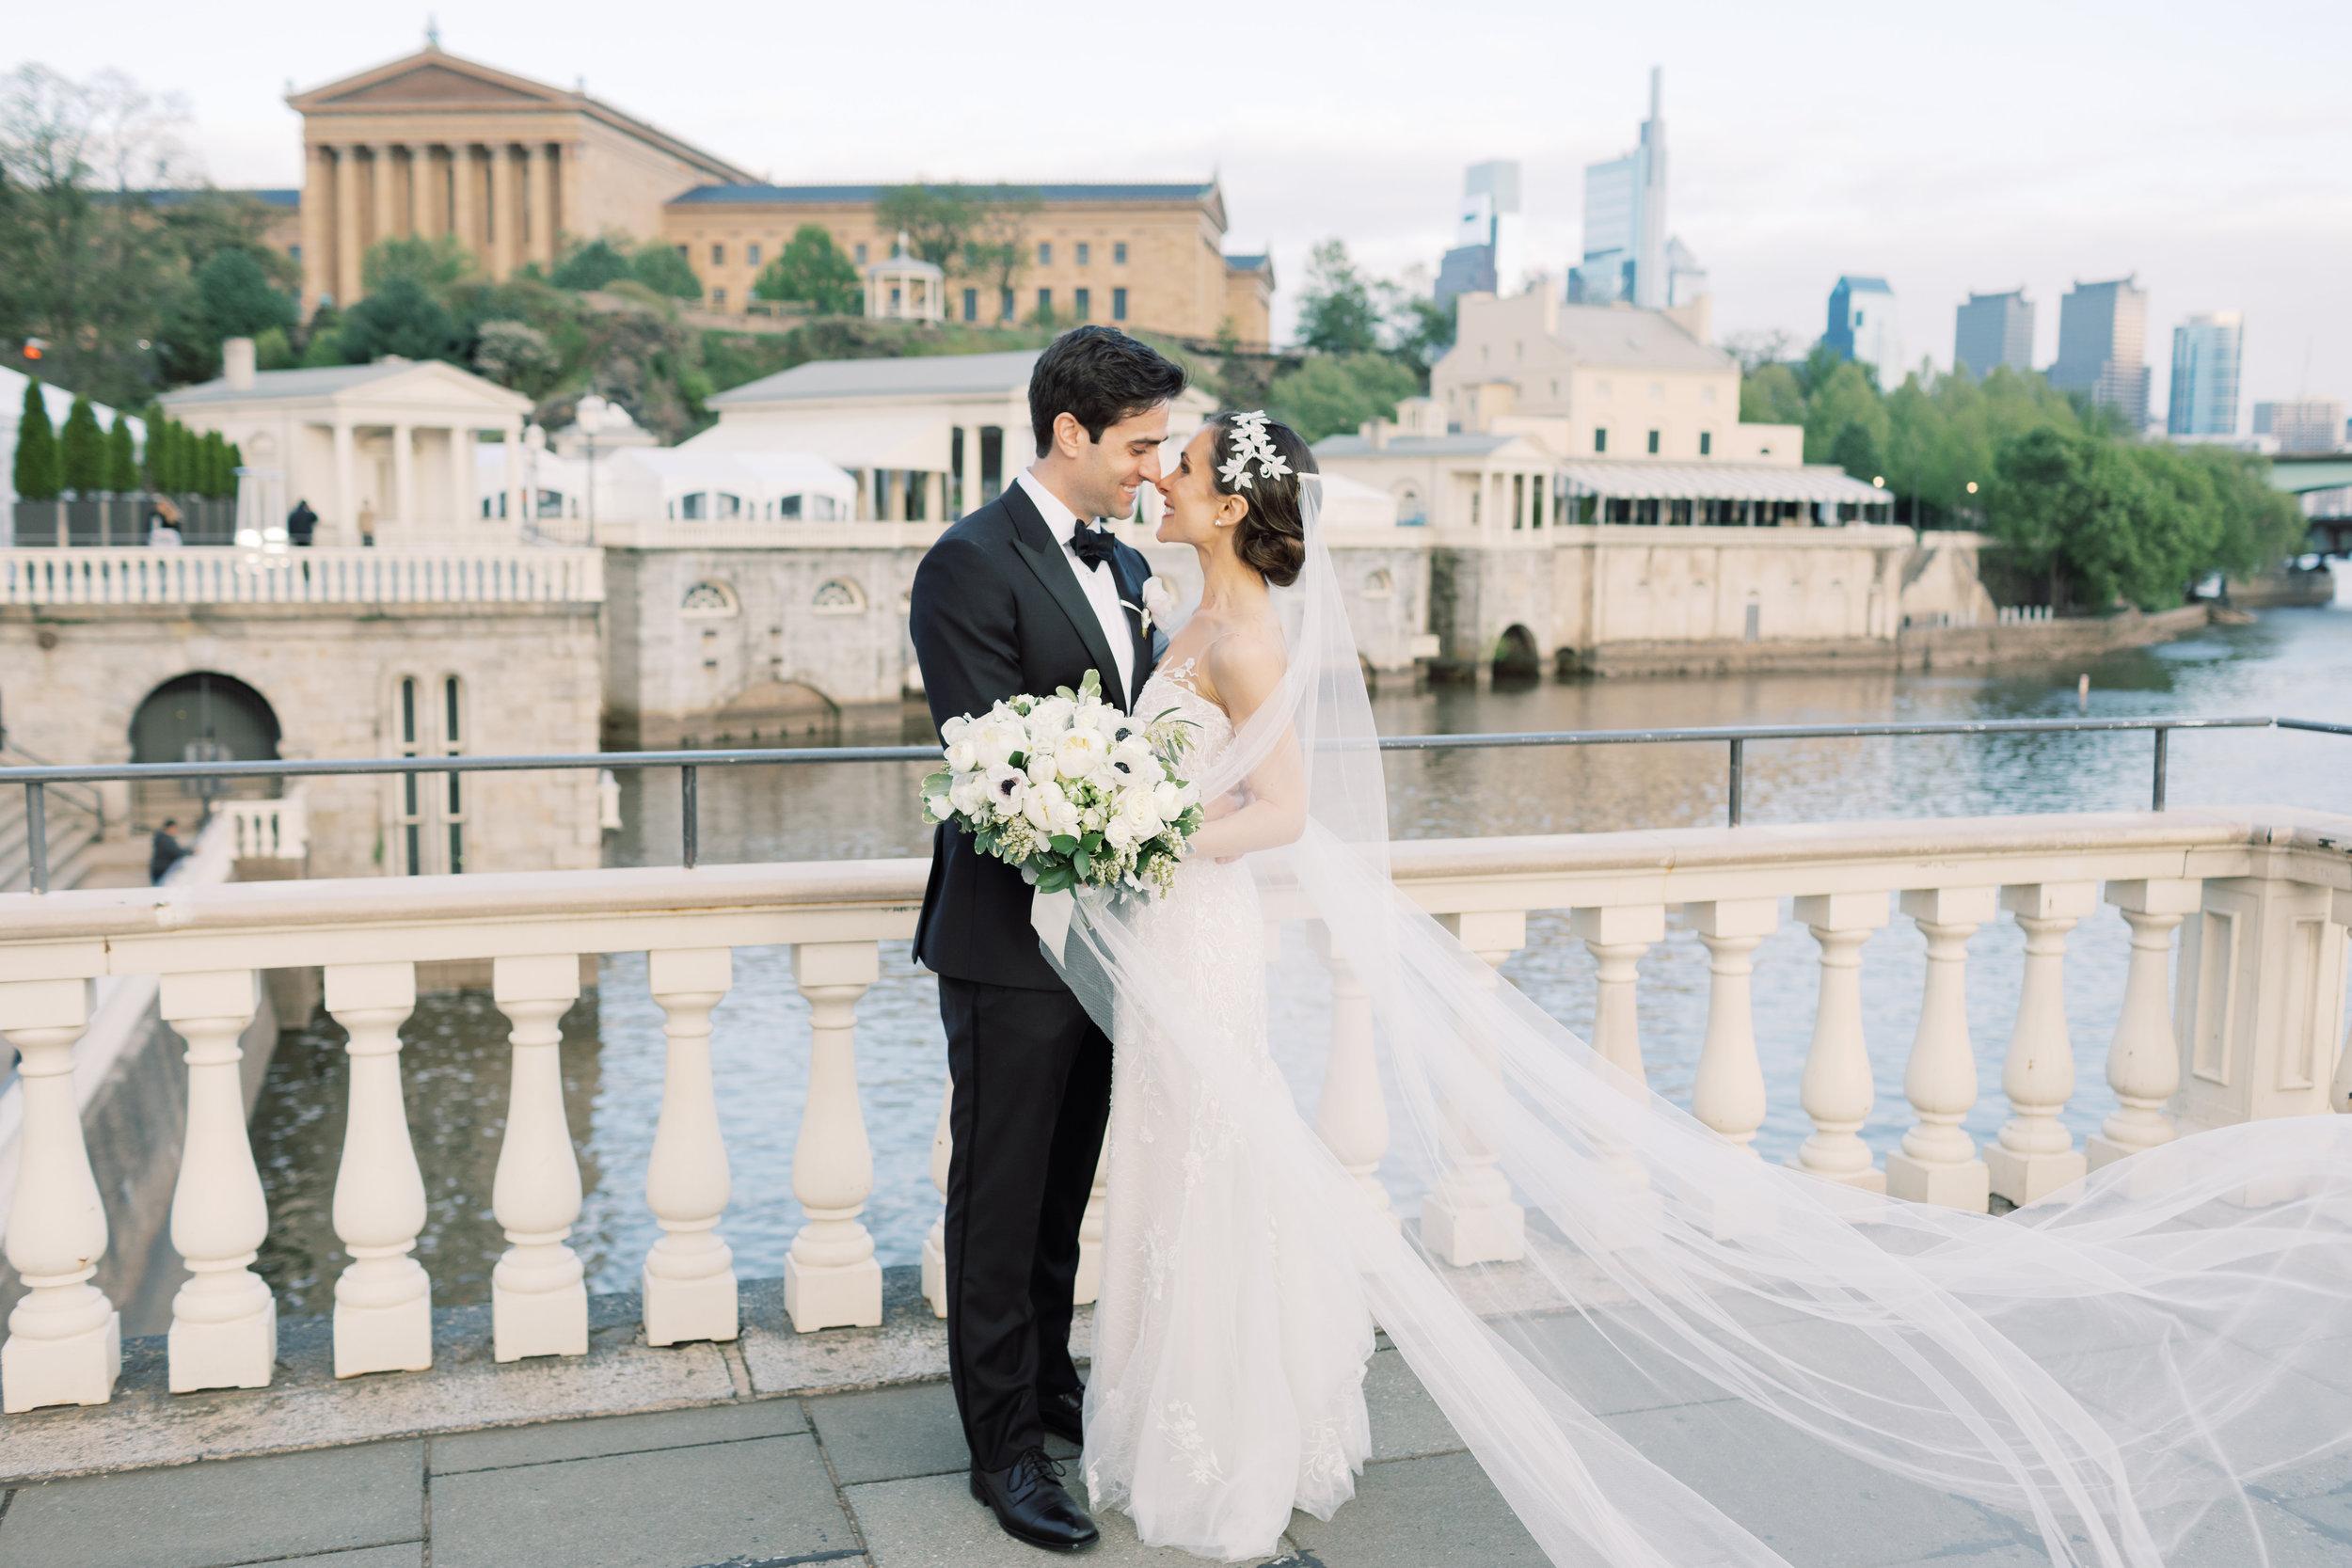 Philadelphia Wedding Planner - WaterWorks - Philly PA0-3.jpg